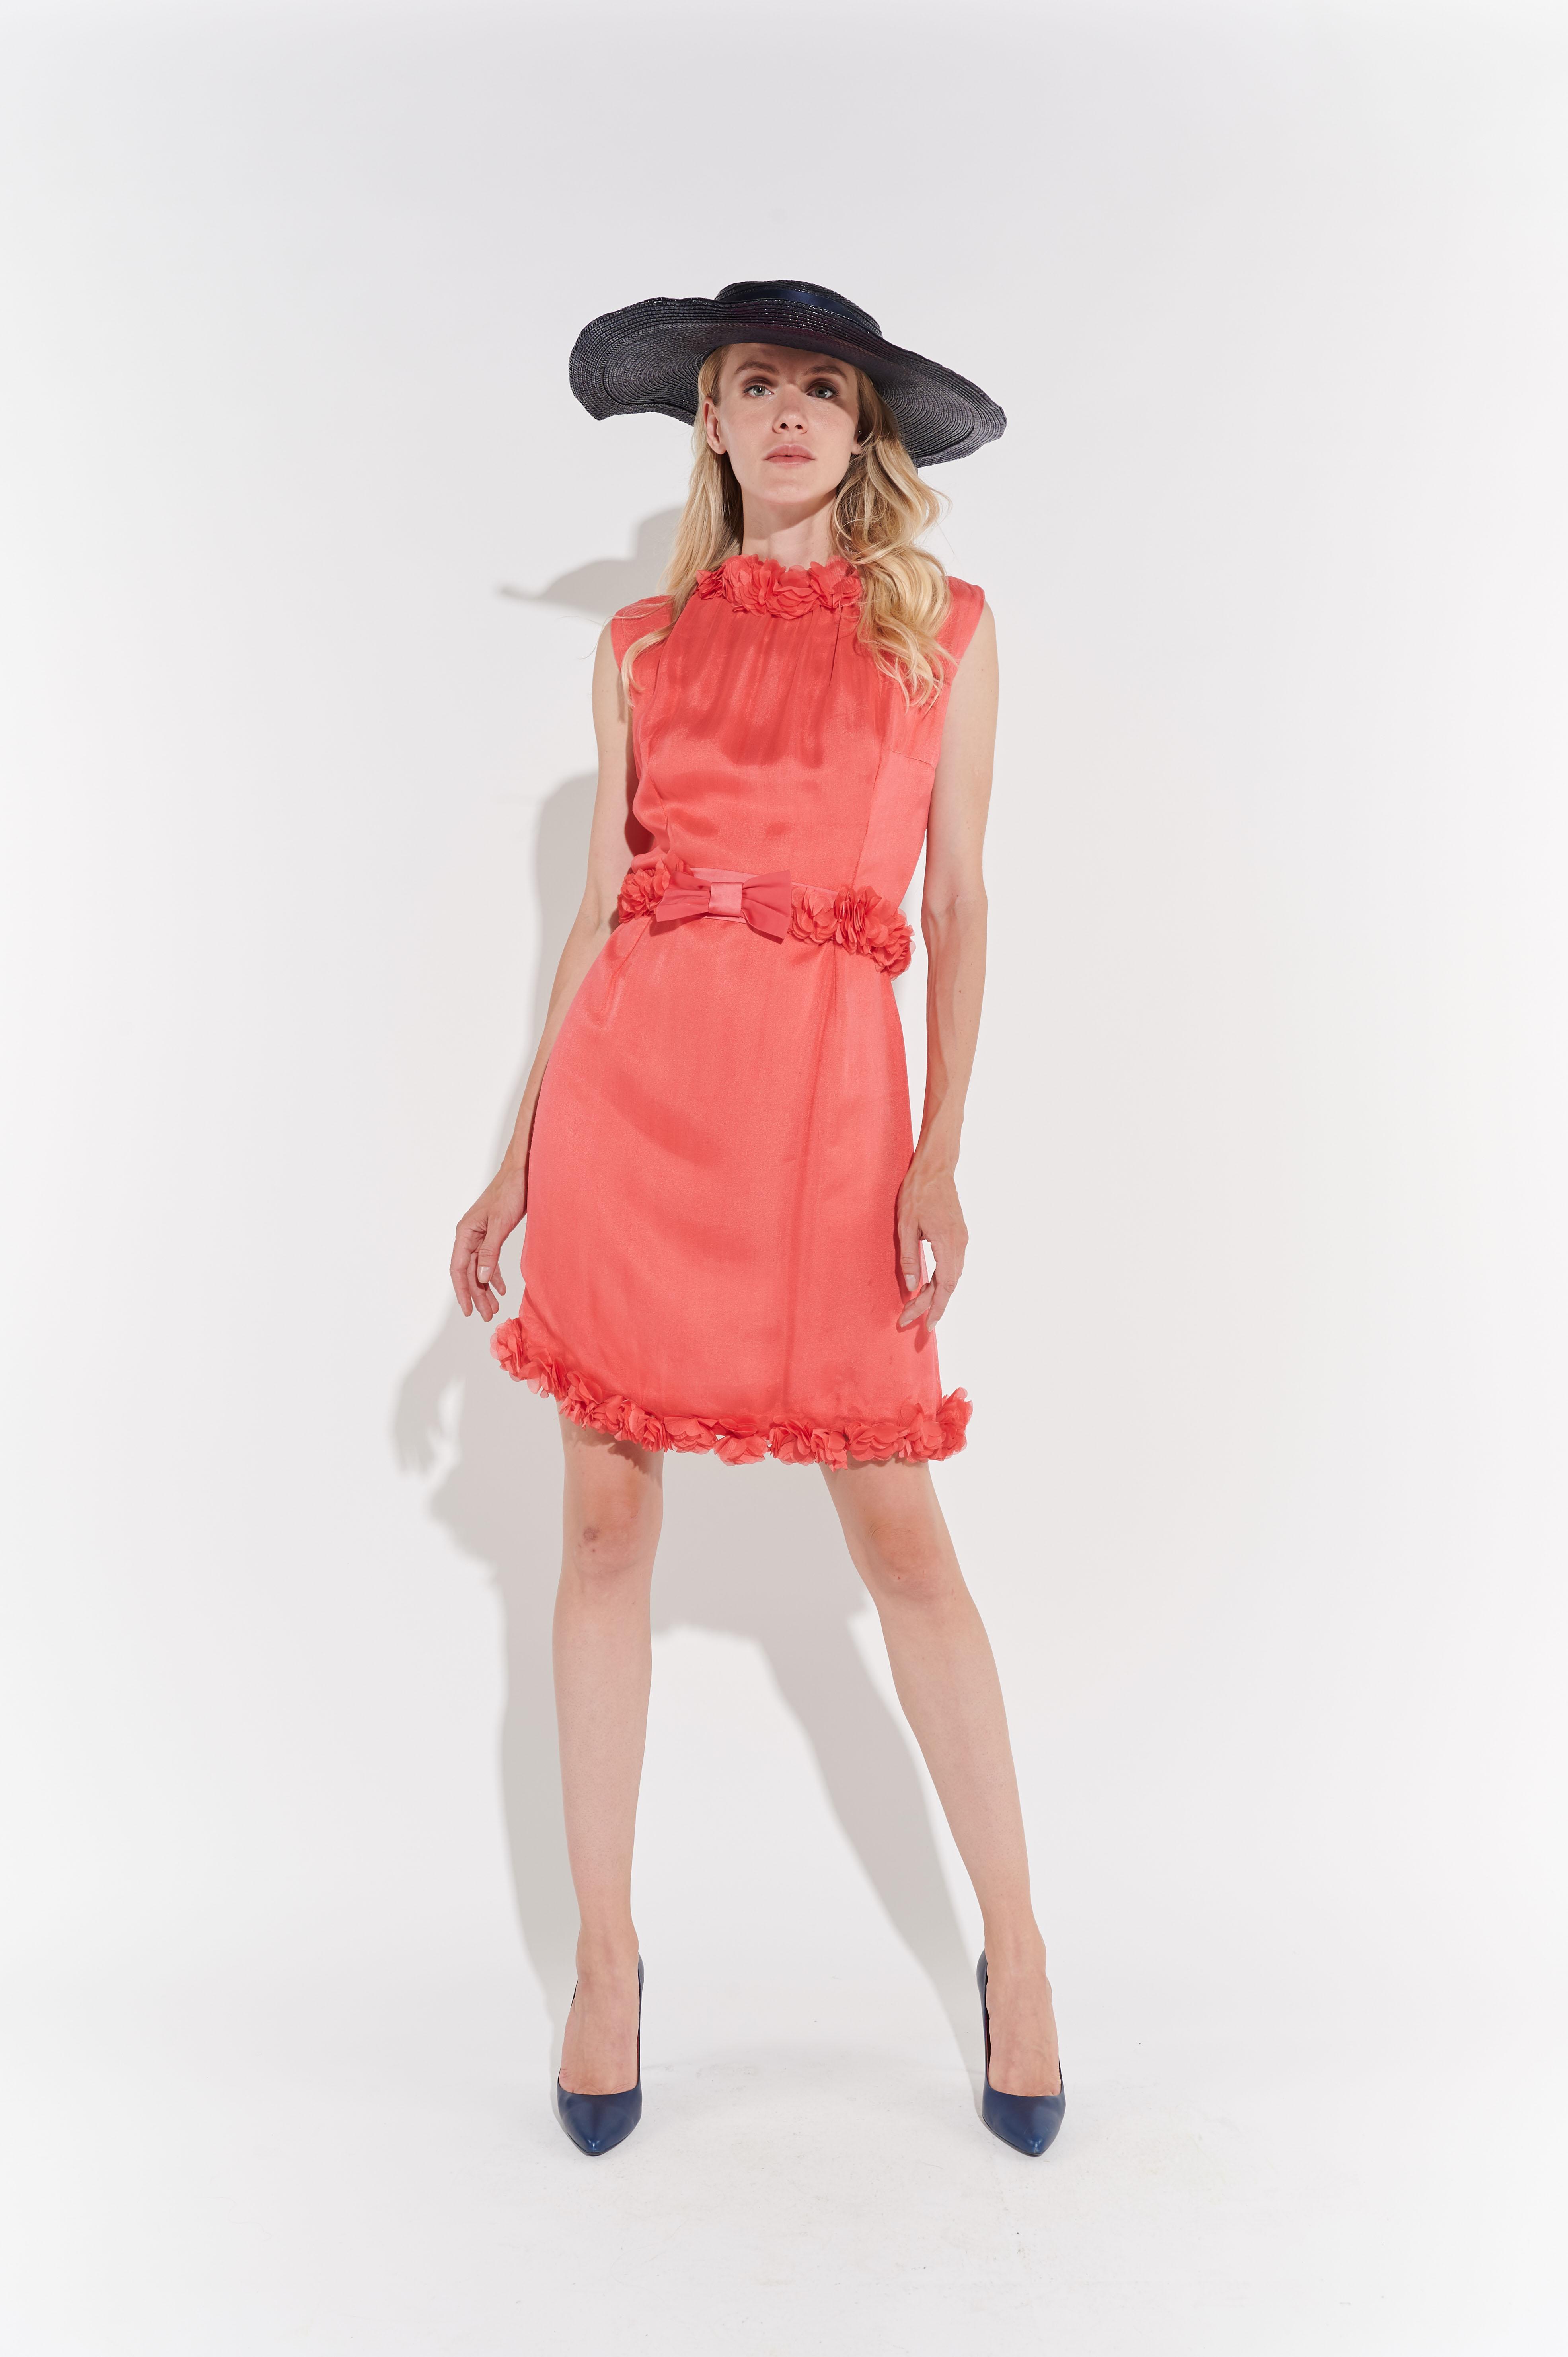 60lar Dizüstü Pembe Yakası ve Kemeri Çiçekli Şifon Elbise